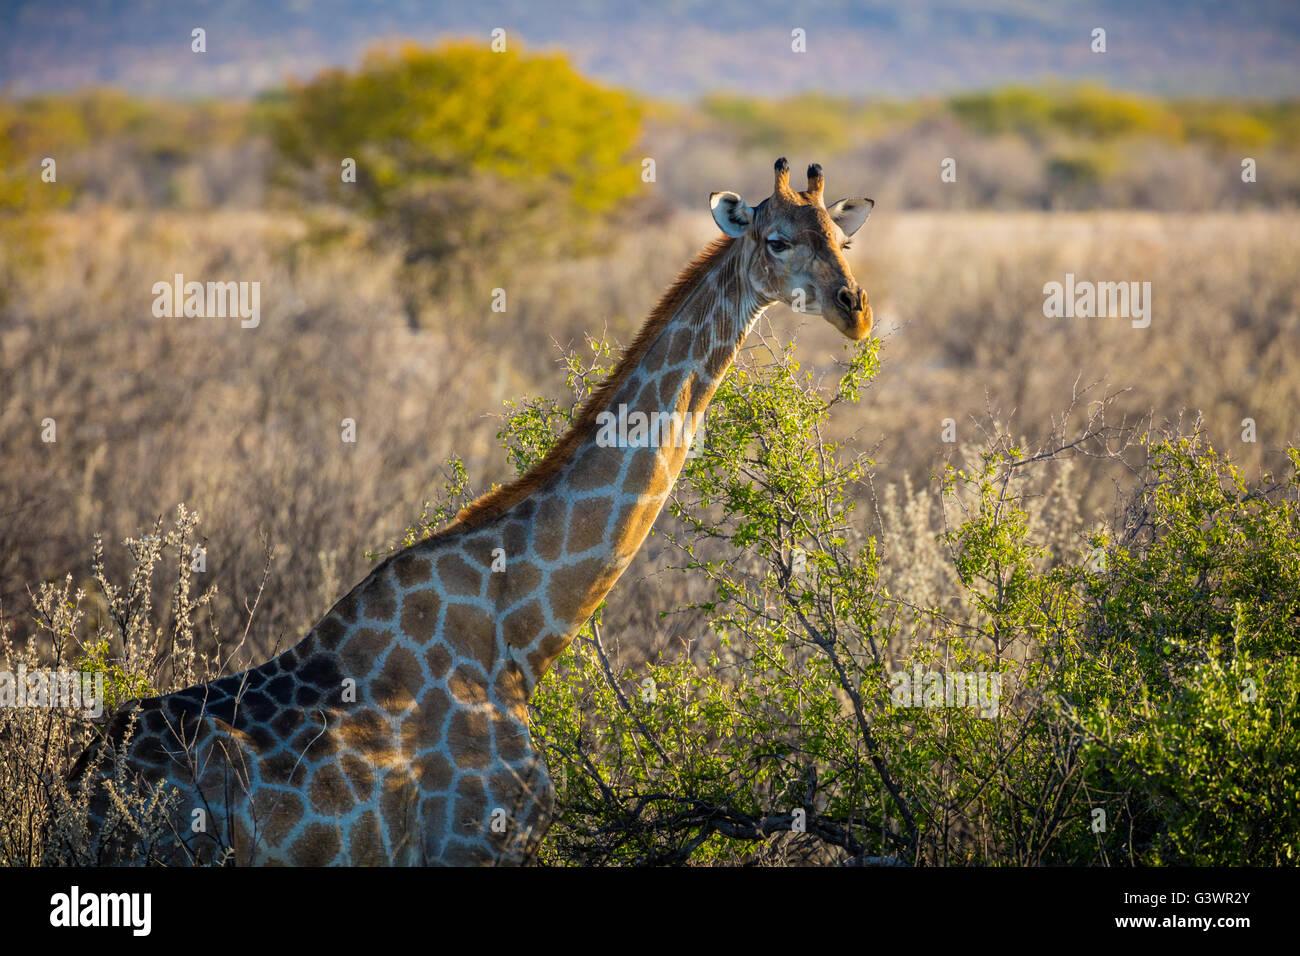 Die Giraffe (Giraffa Plancius) ist eine afrikanische sogar-toed Huftier Säugetier. Stockbild